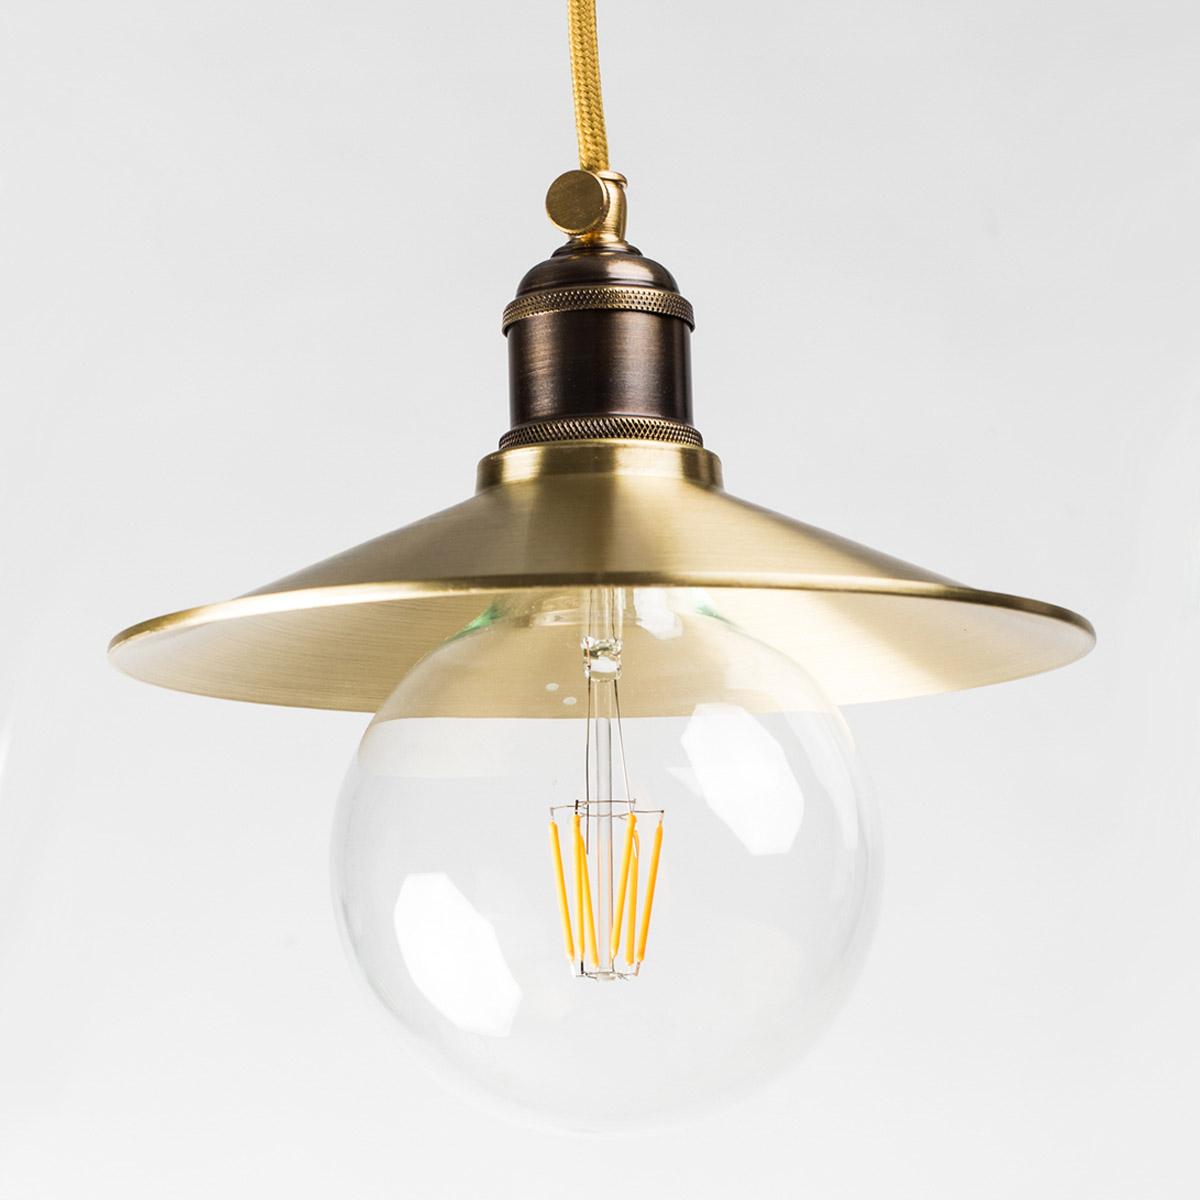 Потолочный светильник 610 латунный золотой